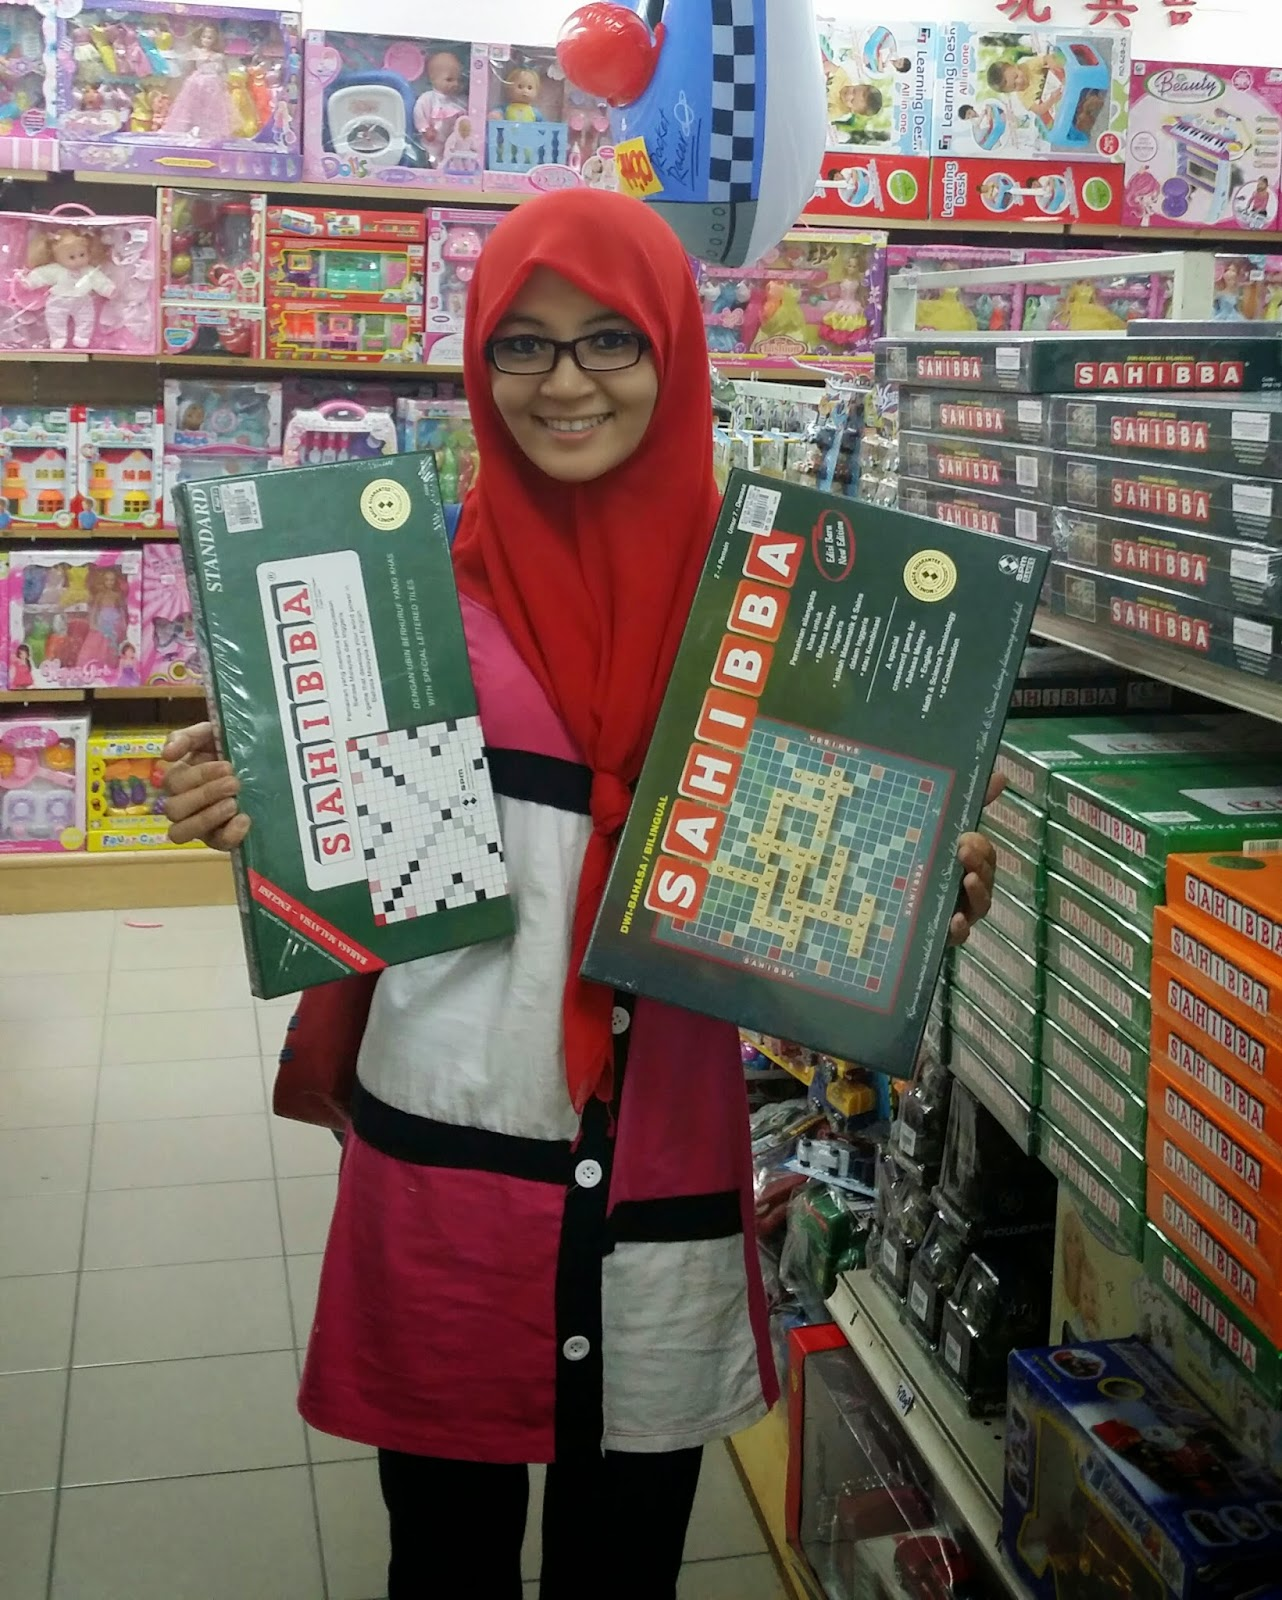 permainan sahibba, syarikat permainan malaysia, sahibba, harga sahibba, harga maianan sahibba, game sahibba, hobi zaman kecik, hobi,